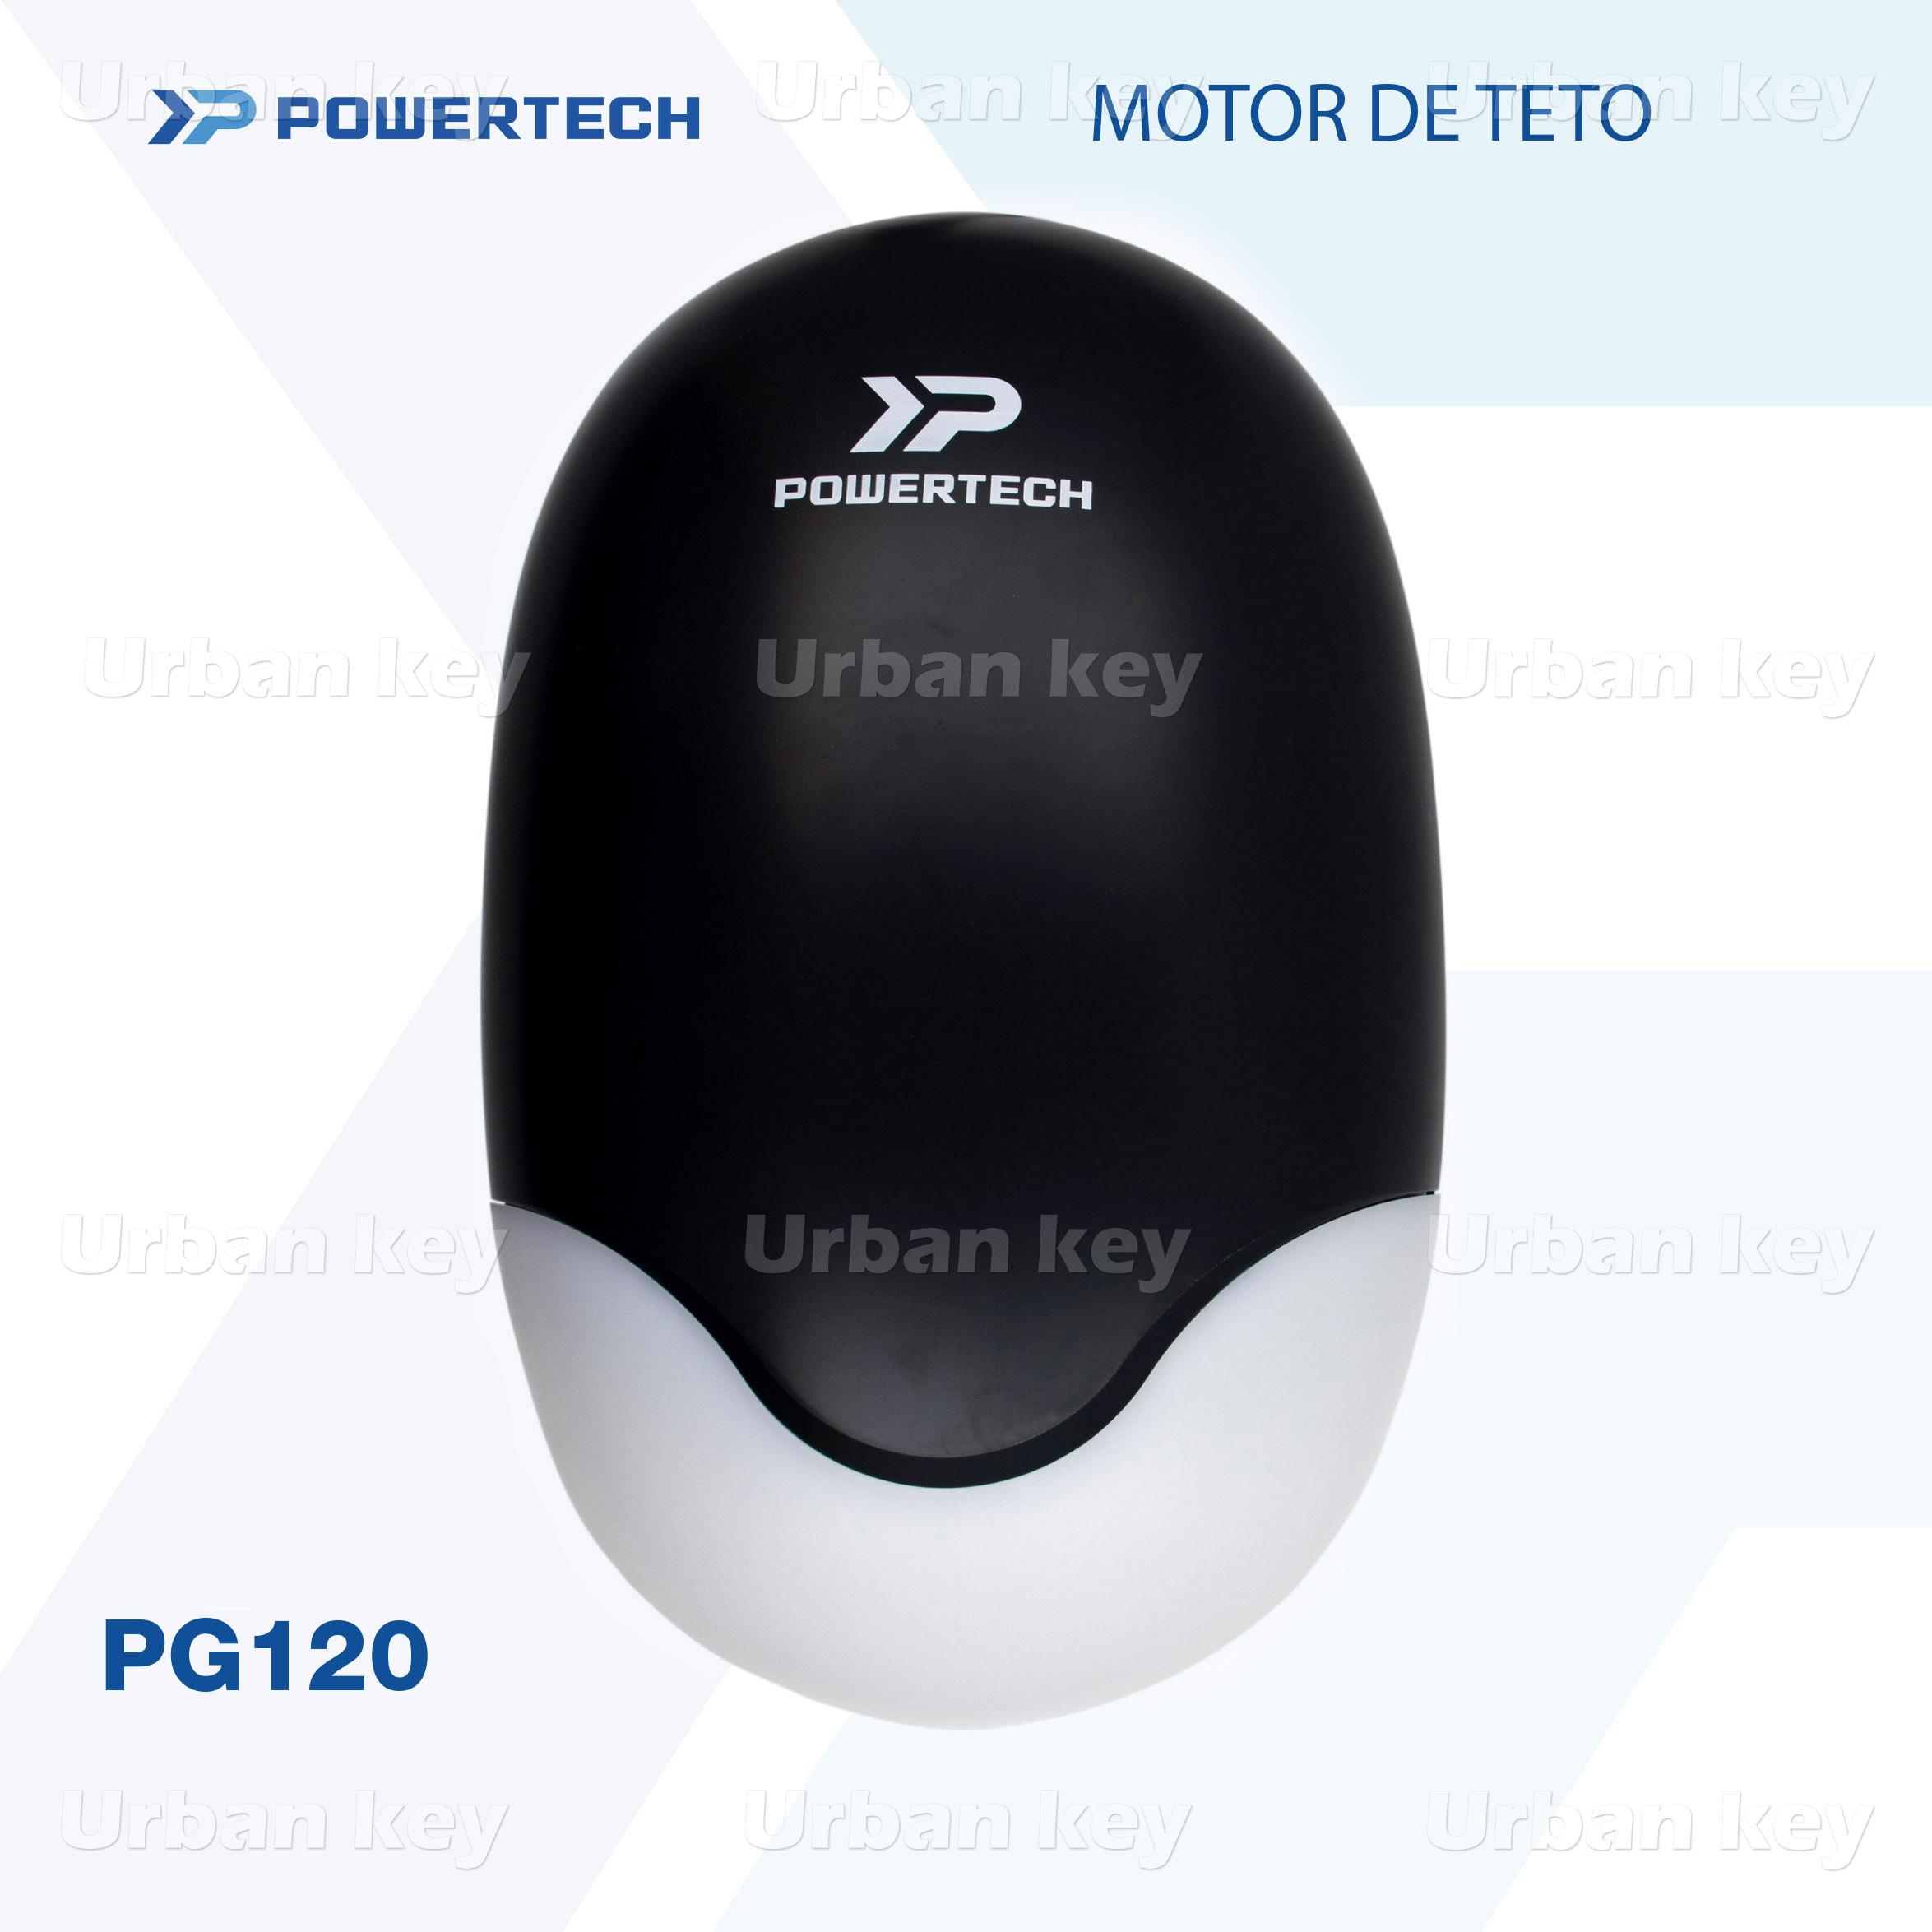 MOTOR DE TETO POWERTECH PG120 1200N